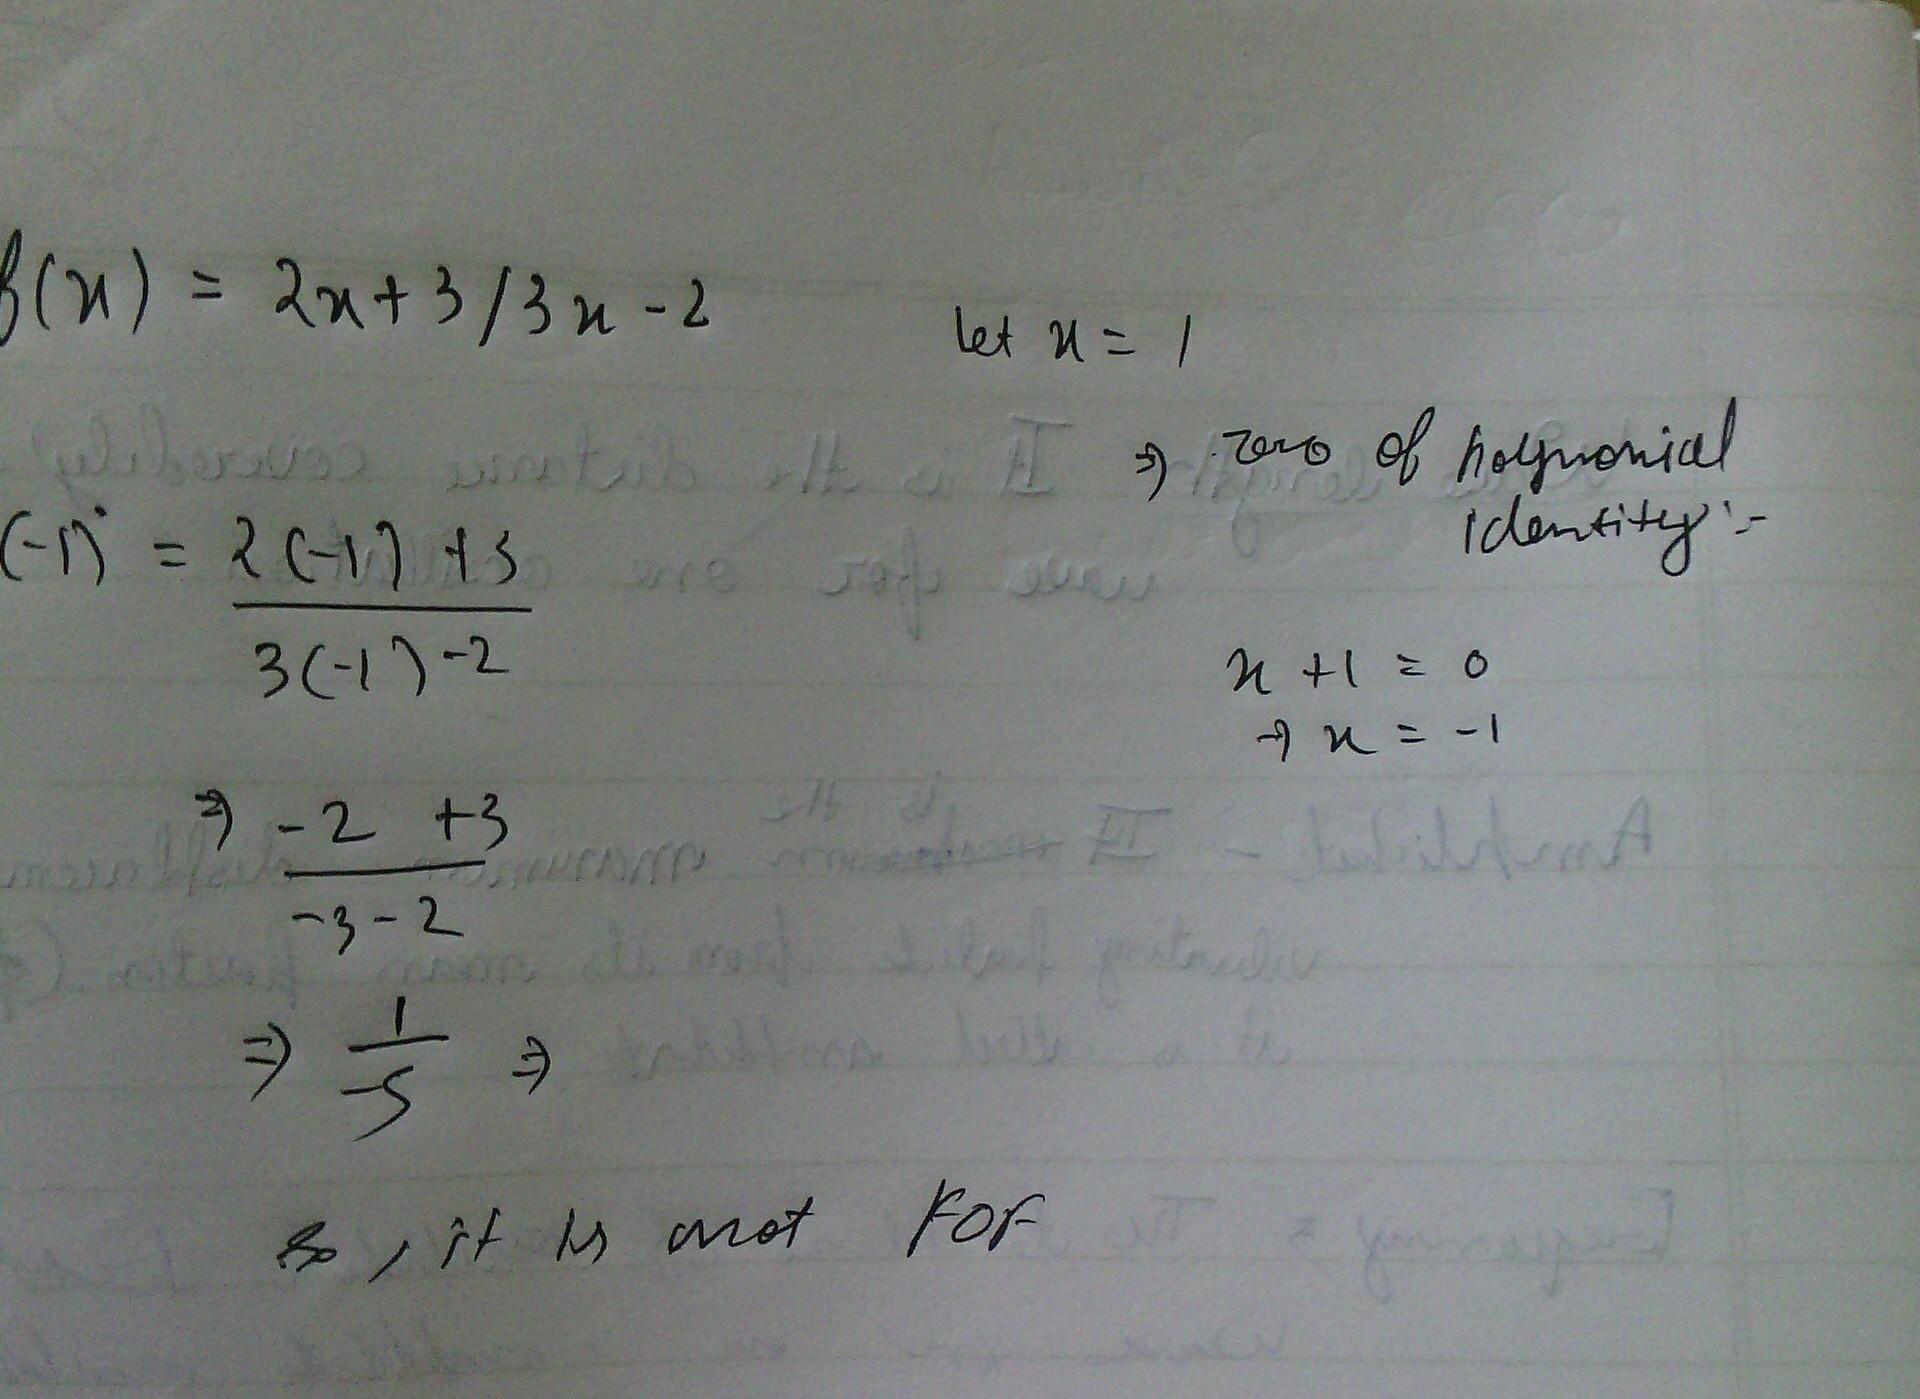 Scheitelpunkt Und Scheitelpunktform Berechnen Sofatutor F(x)=x^3 3x